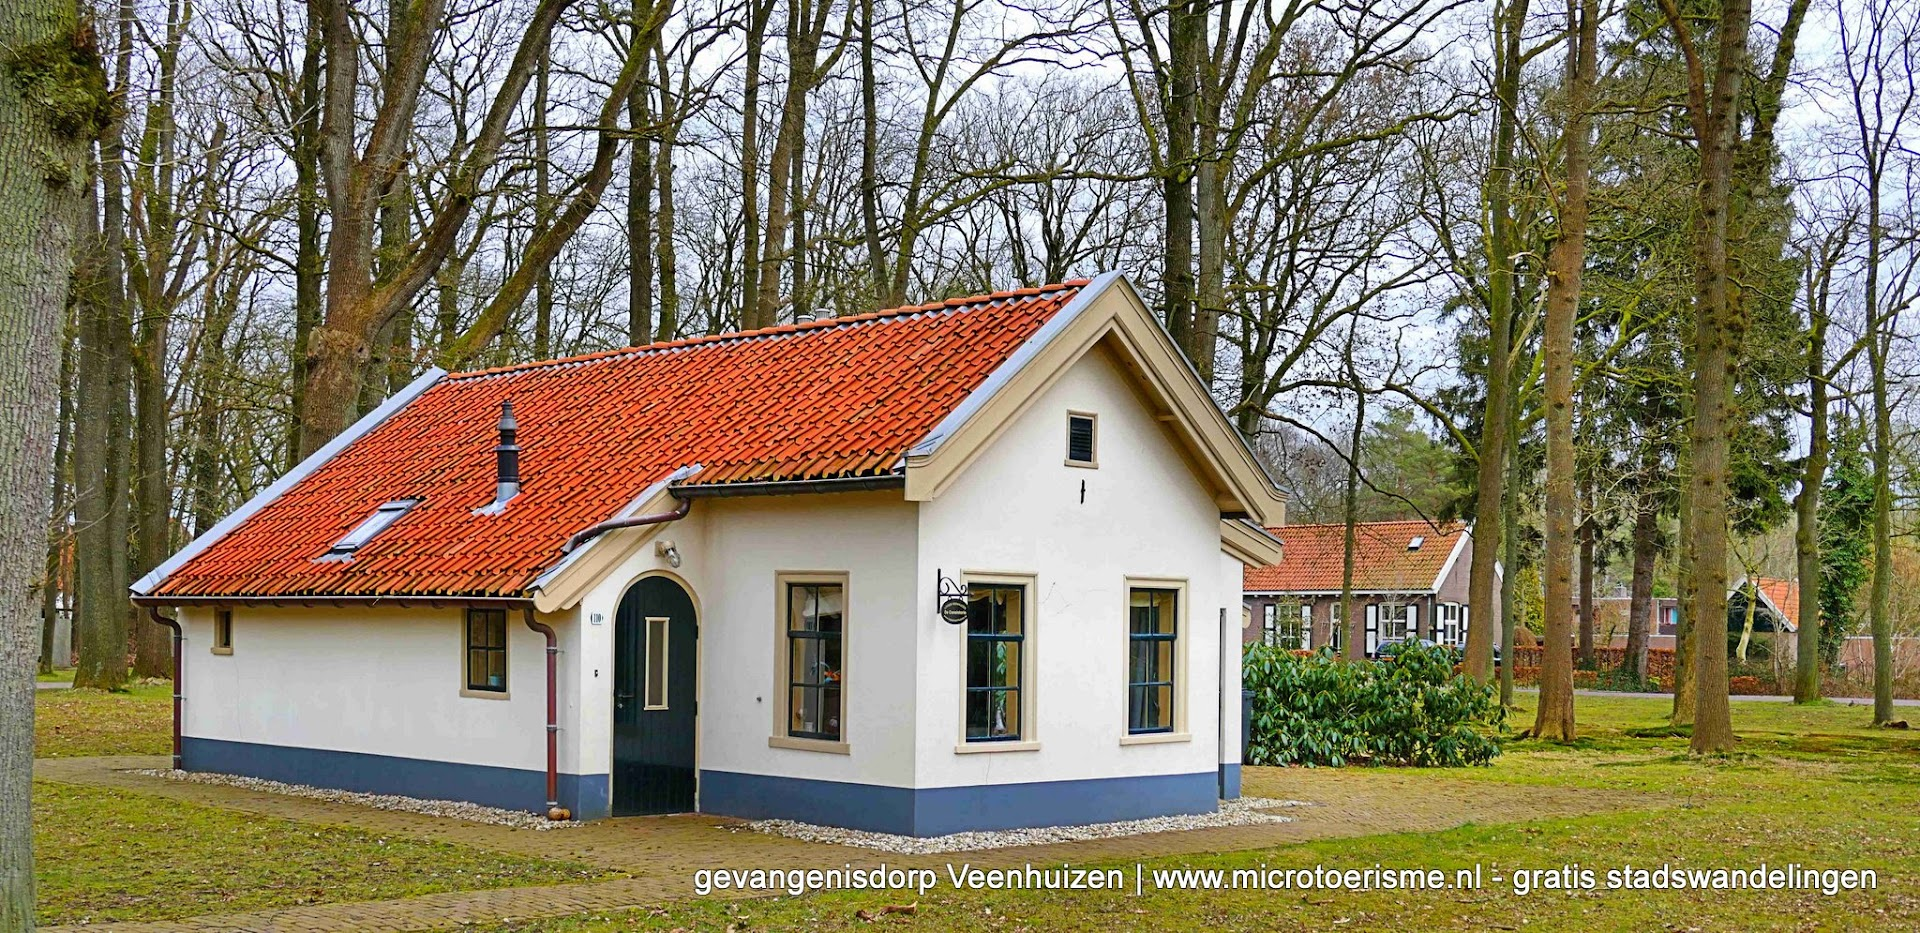 Aangeboden door: Stichting Microtoerisme InZicht Fotoblog Veenhuizen consistorie